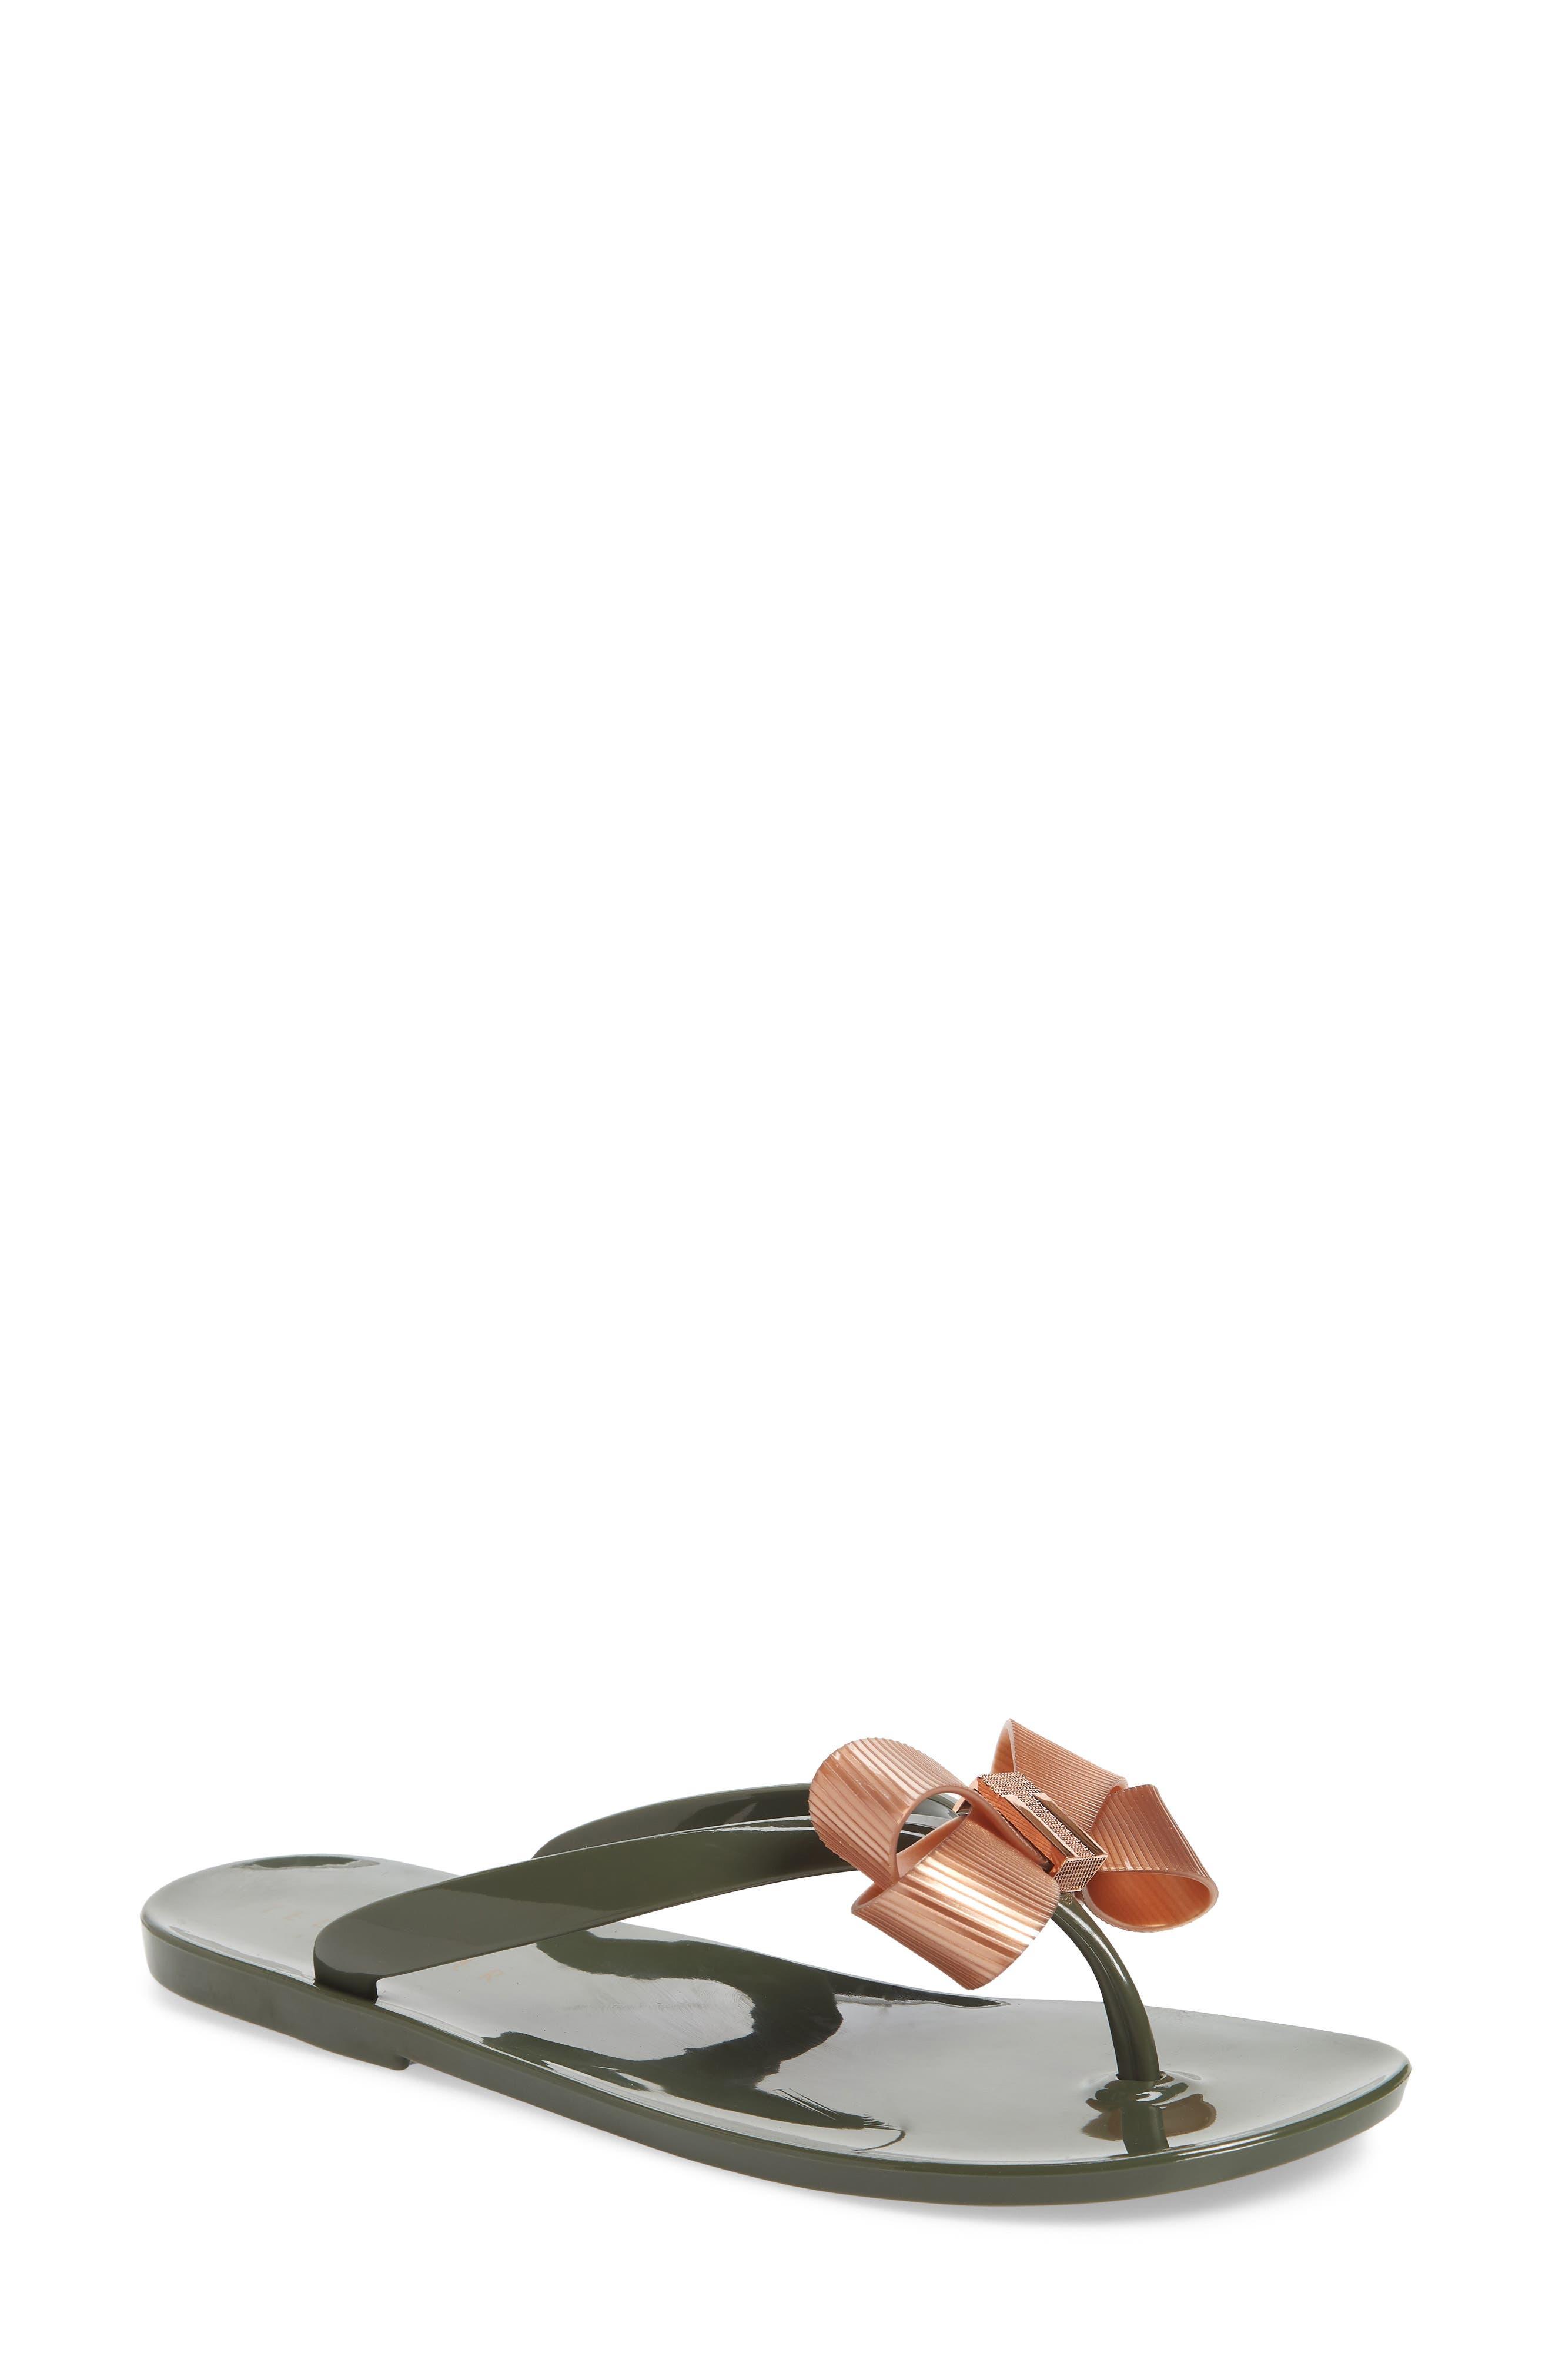 Suszie Flip Flop,                             Main thumbnail 1, color,                             Khaki/ Rose Gold Fabric